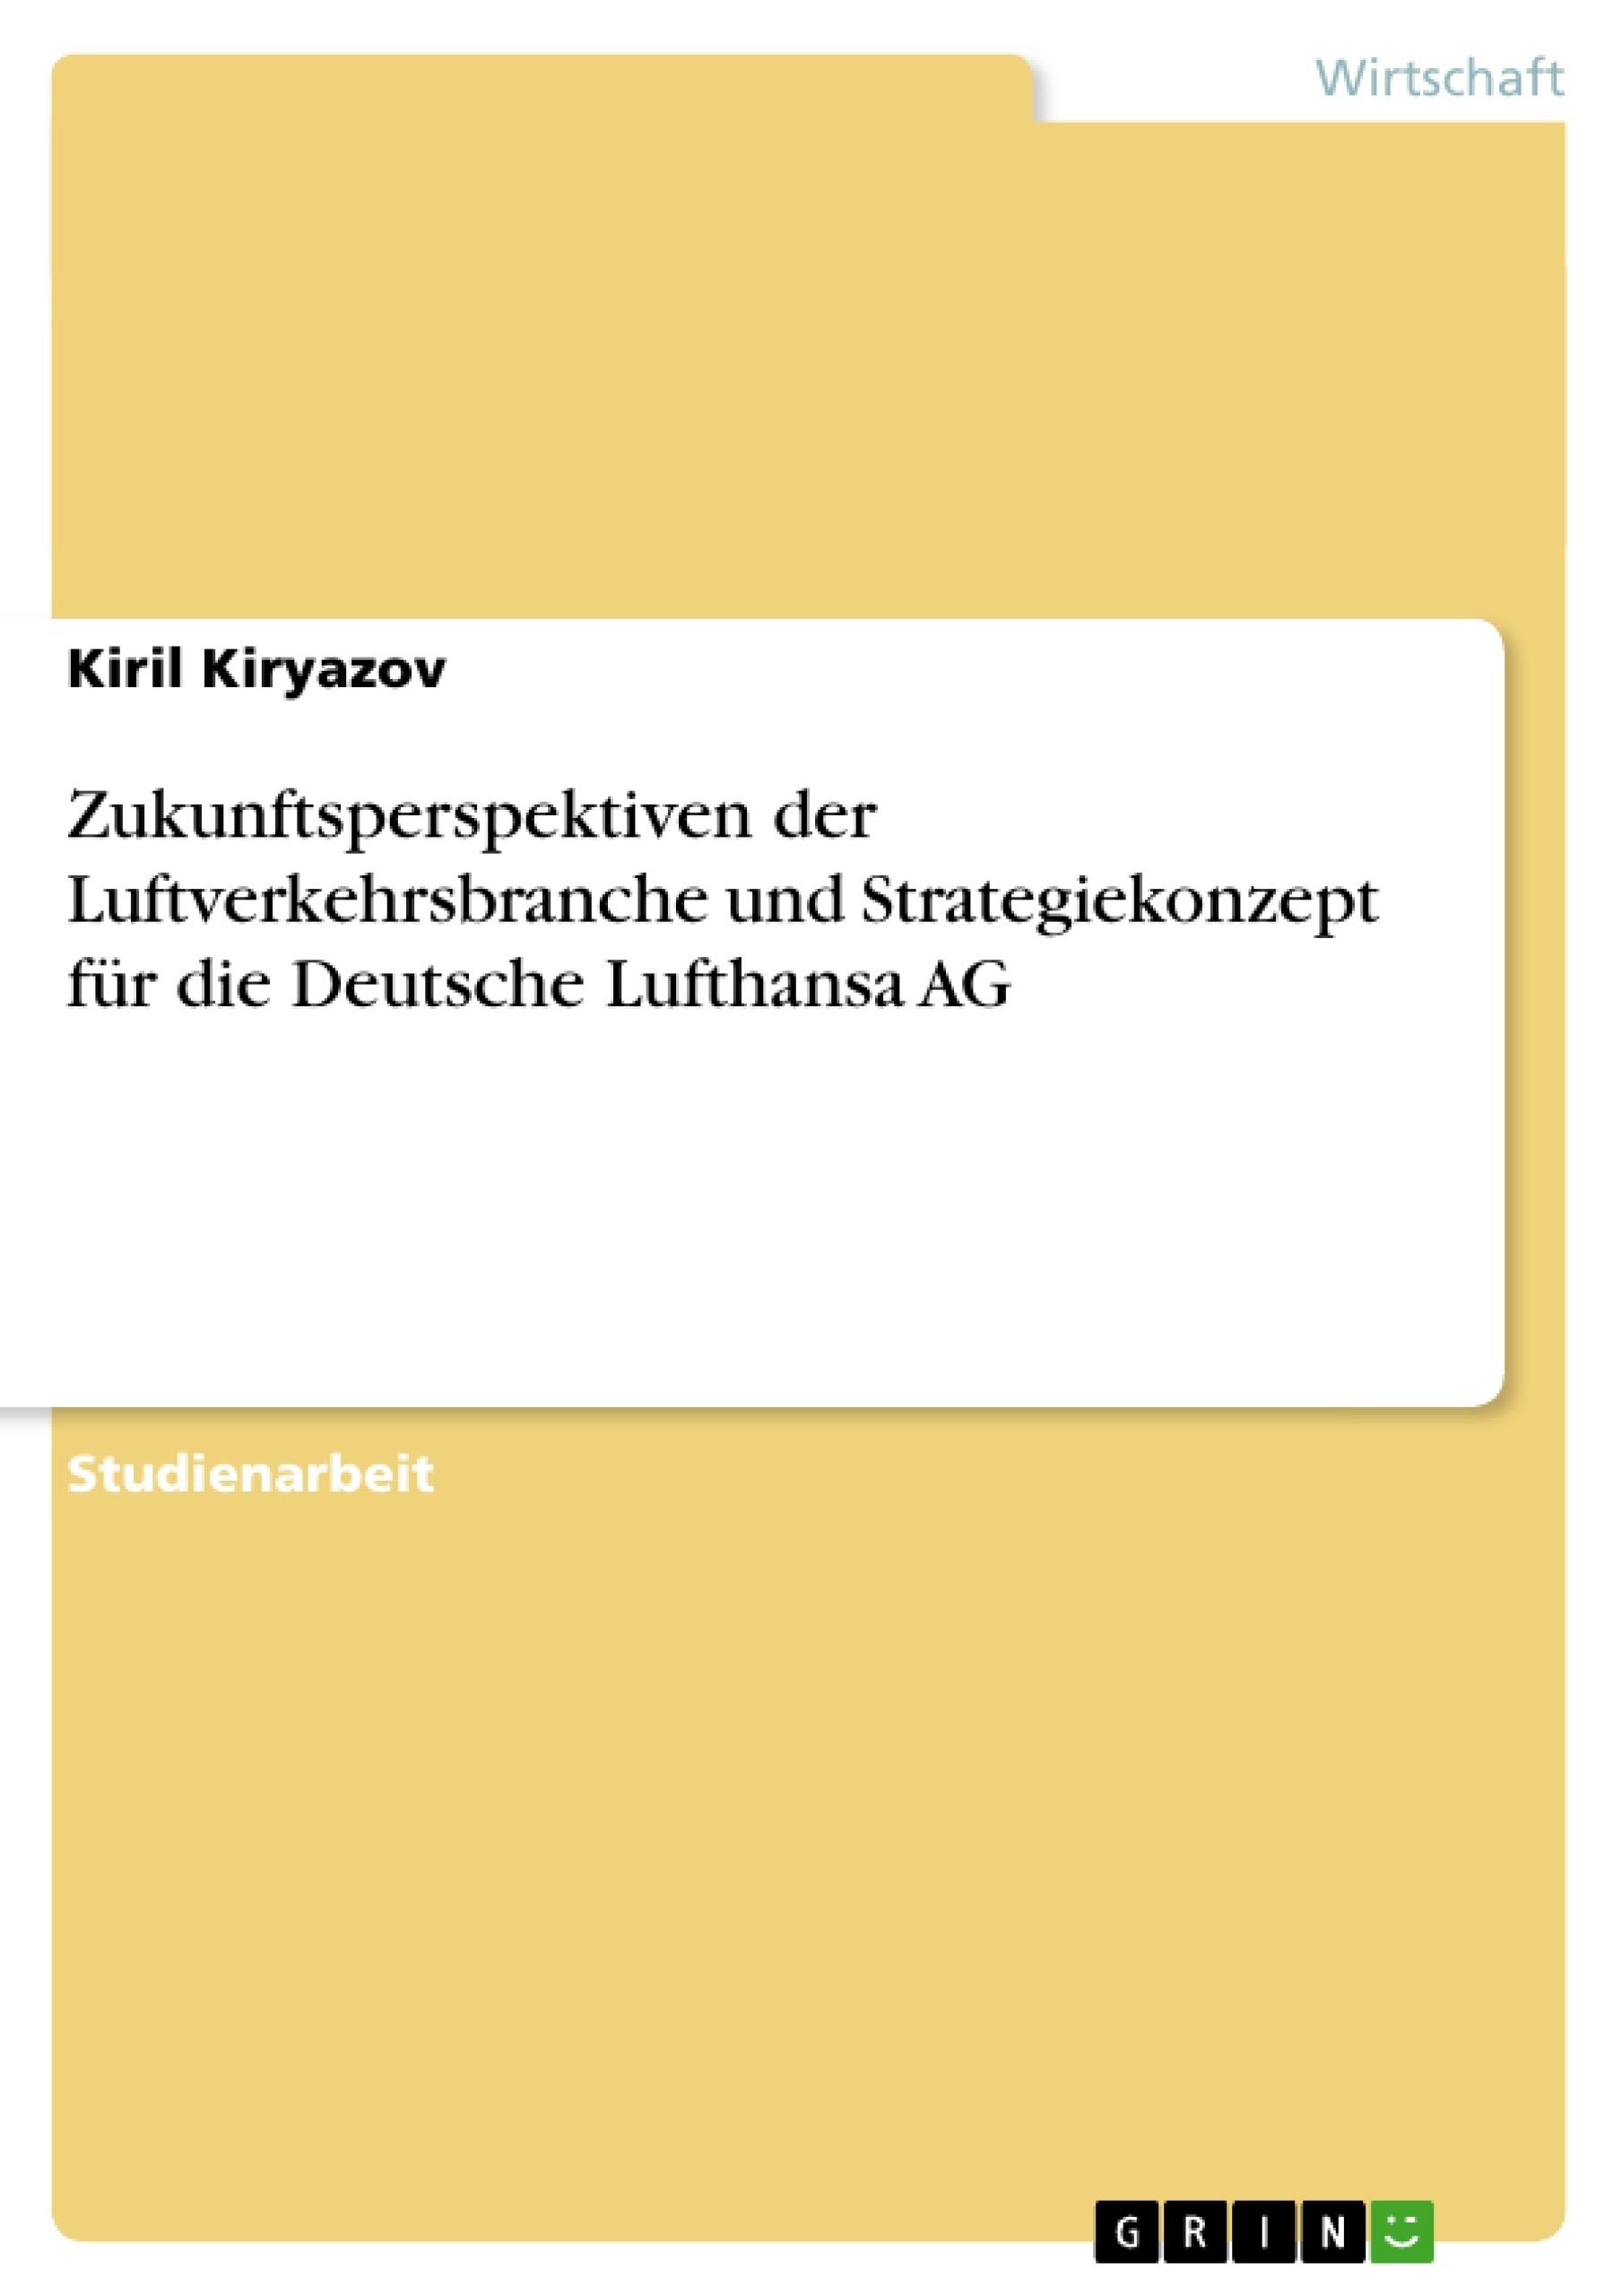 Titel: Zukunftsperspektiven der Luftverkehrsbranche und Strategiekonzept für die Deutsche Lufthansa AG